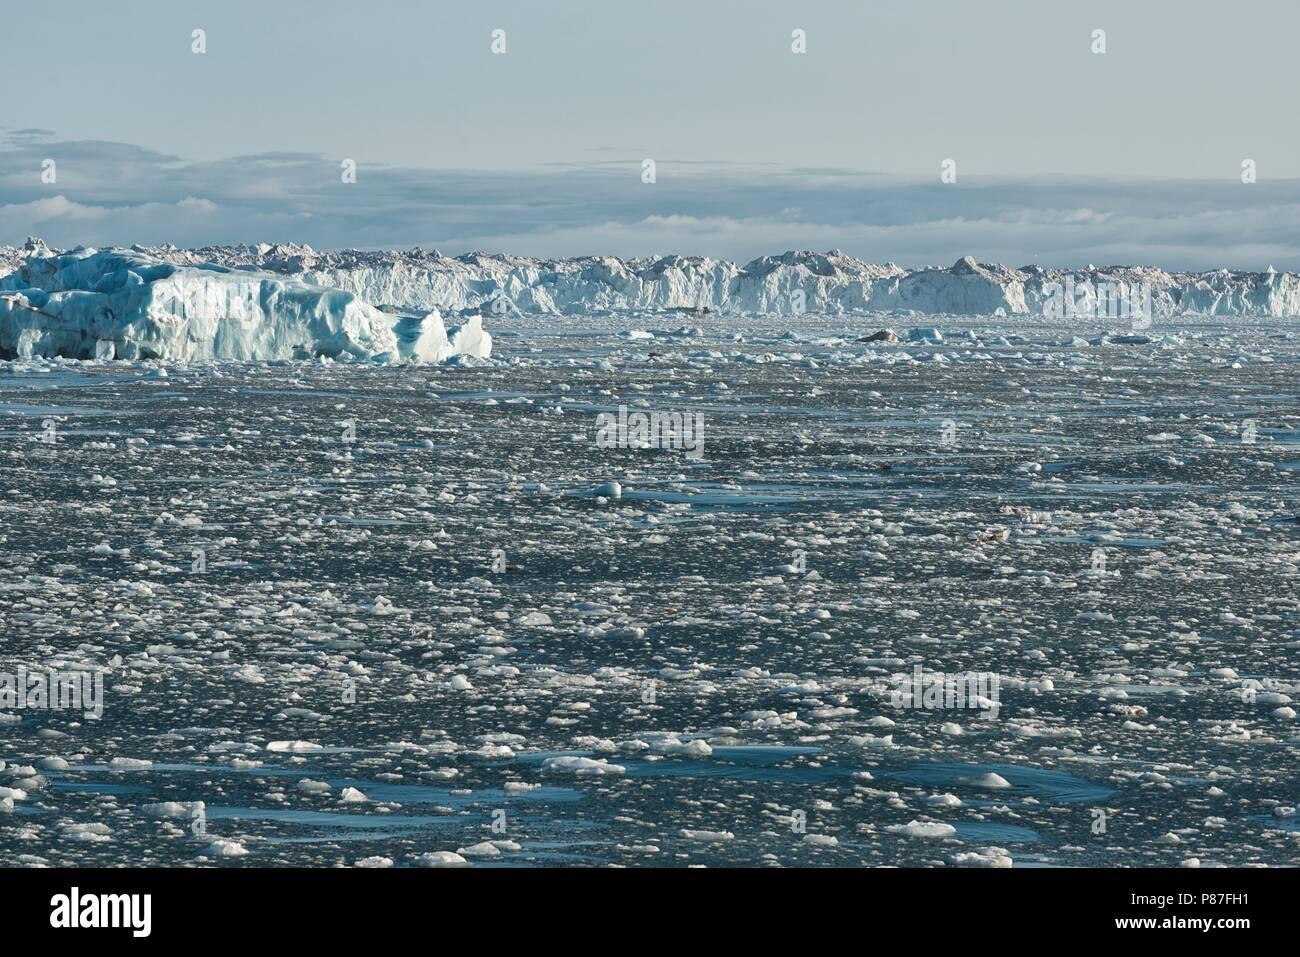 Rand der arktischen Eiskappe Austfonna, Nordaustlandet, Svalbard, 2017 Stockbild